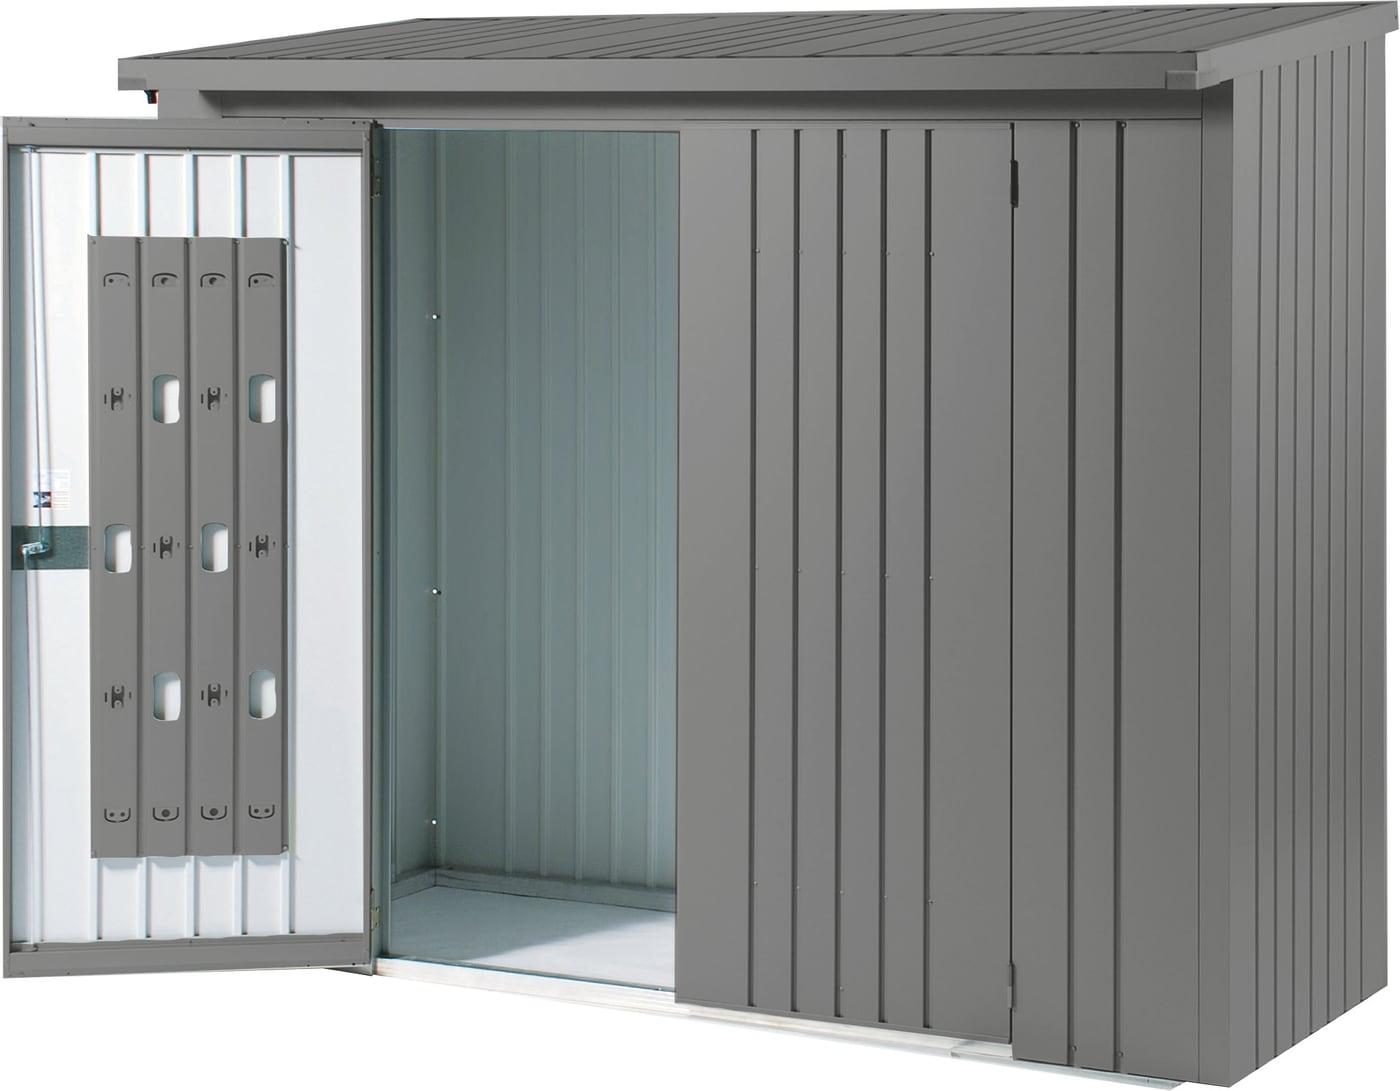 Décoration Pour Casier D École biohort portes pour casier de stockage wood stock 230